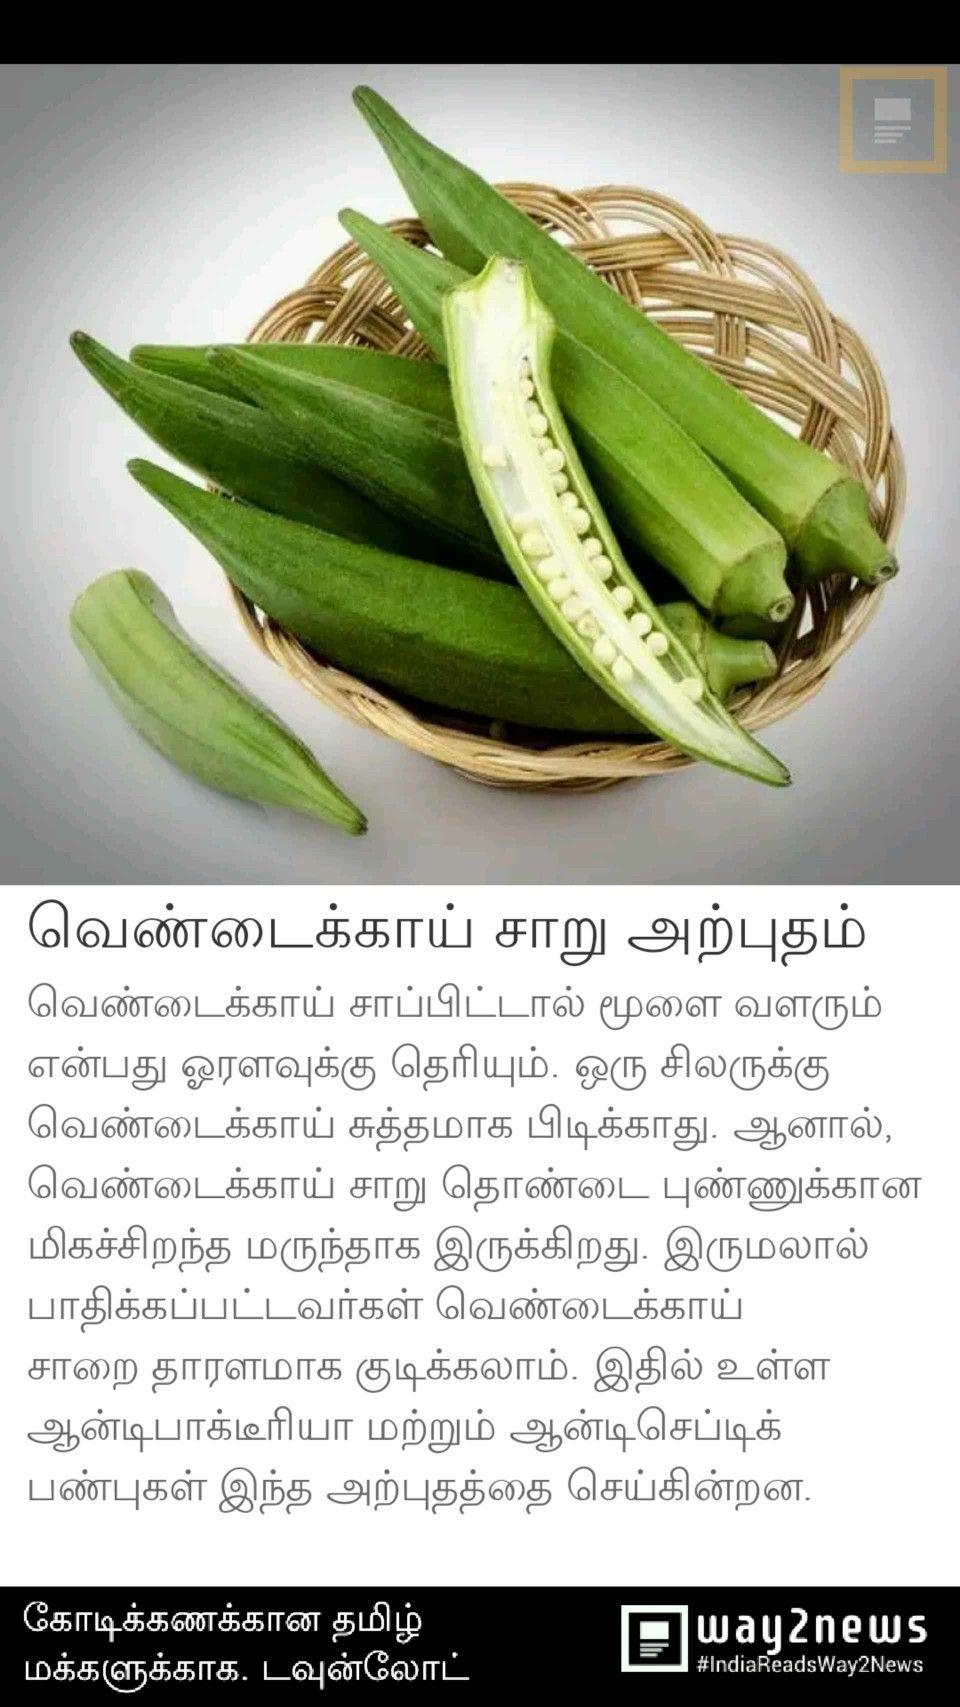 Pin by Thangarasu VS on Vegetable News | Natural health ...